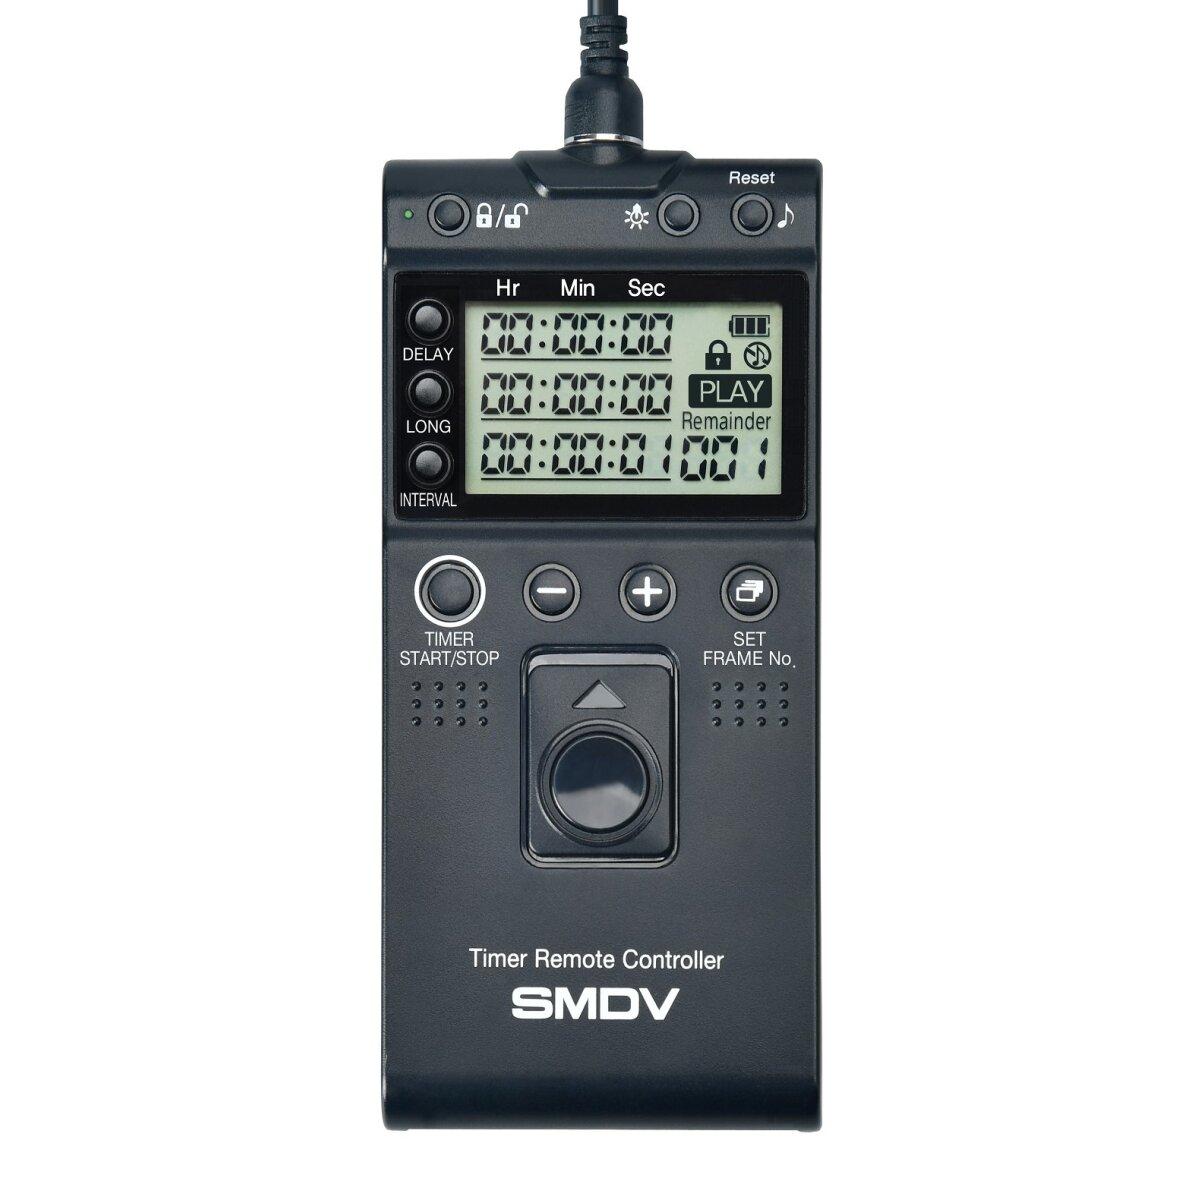 Impulsfoto SMDV Fernauslöser, Kompatibel mit Nikon Kameras, Kabelauslöser mit Timer- und Intervallfunktion Langzeitbelichtung - T808